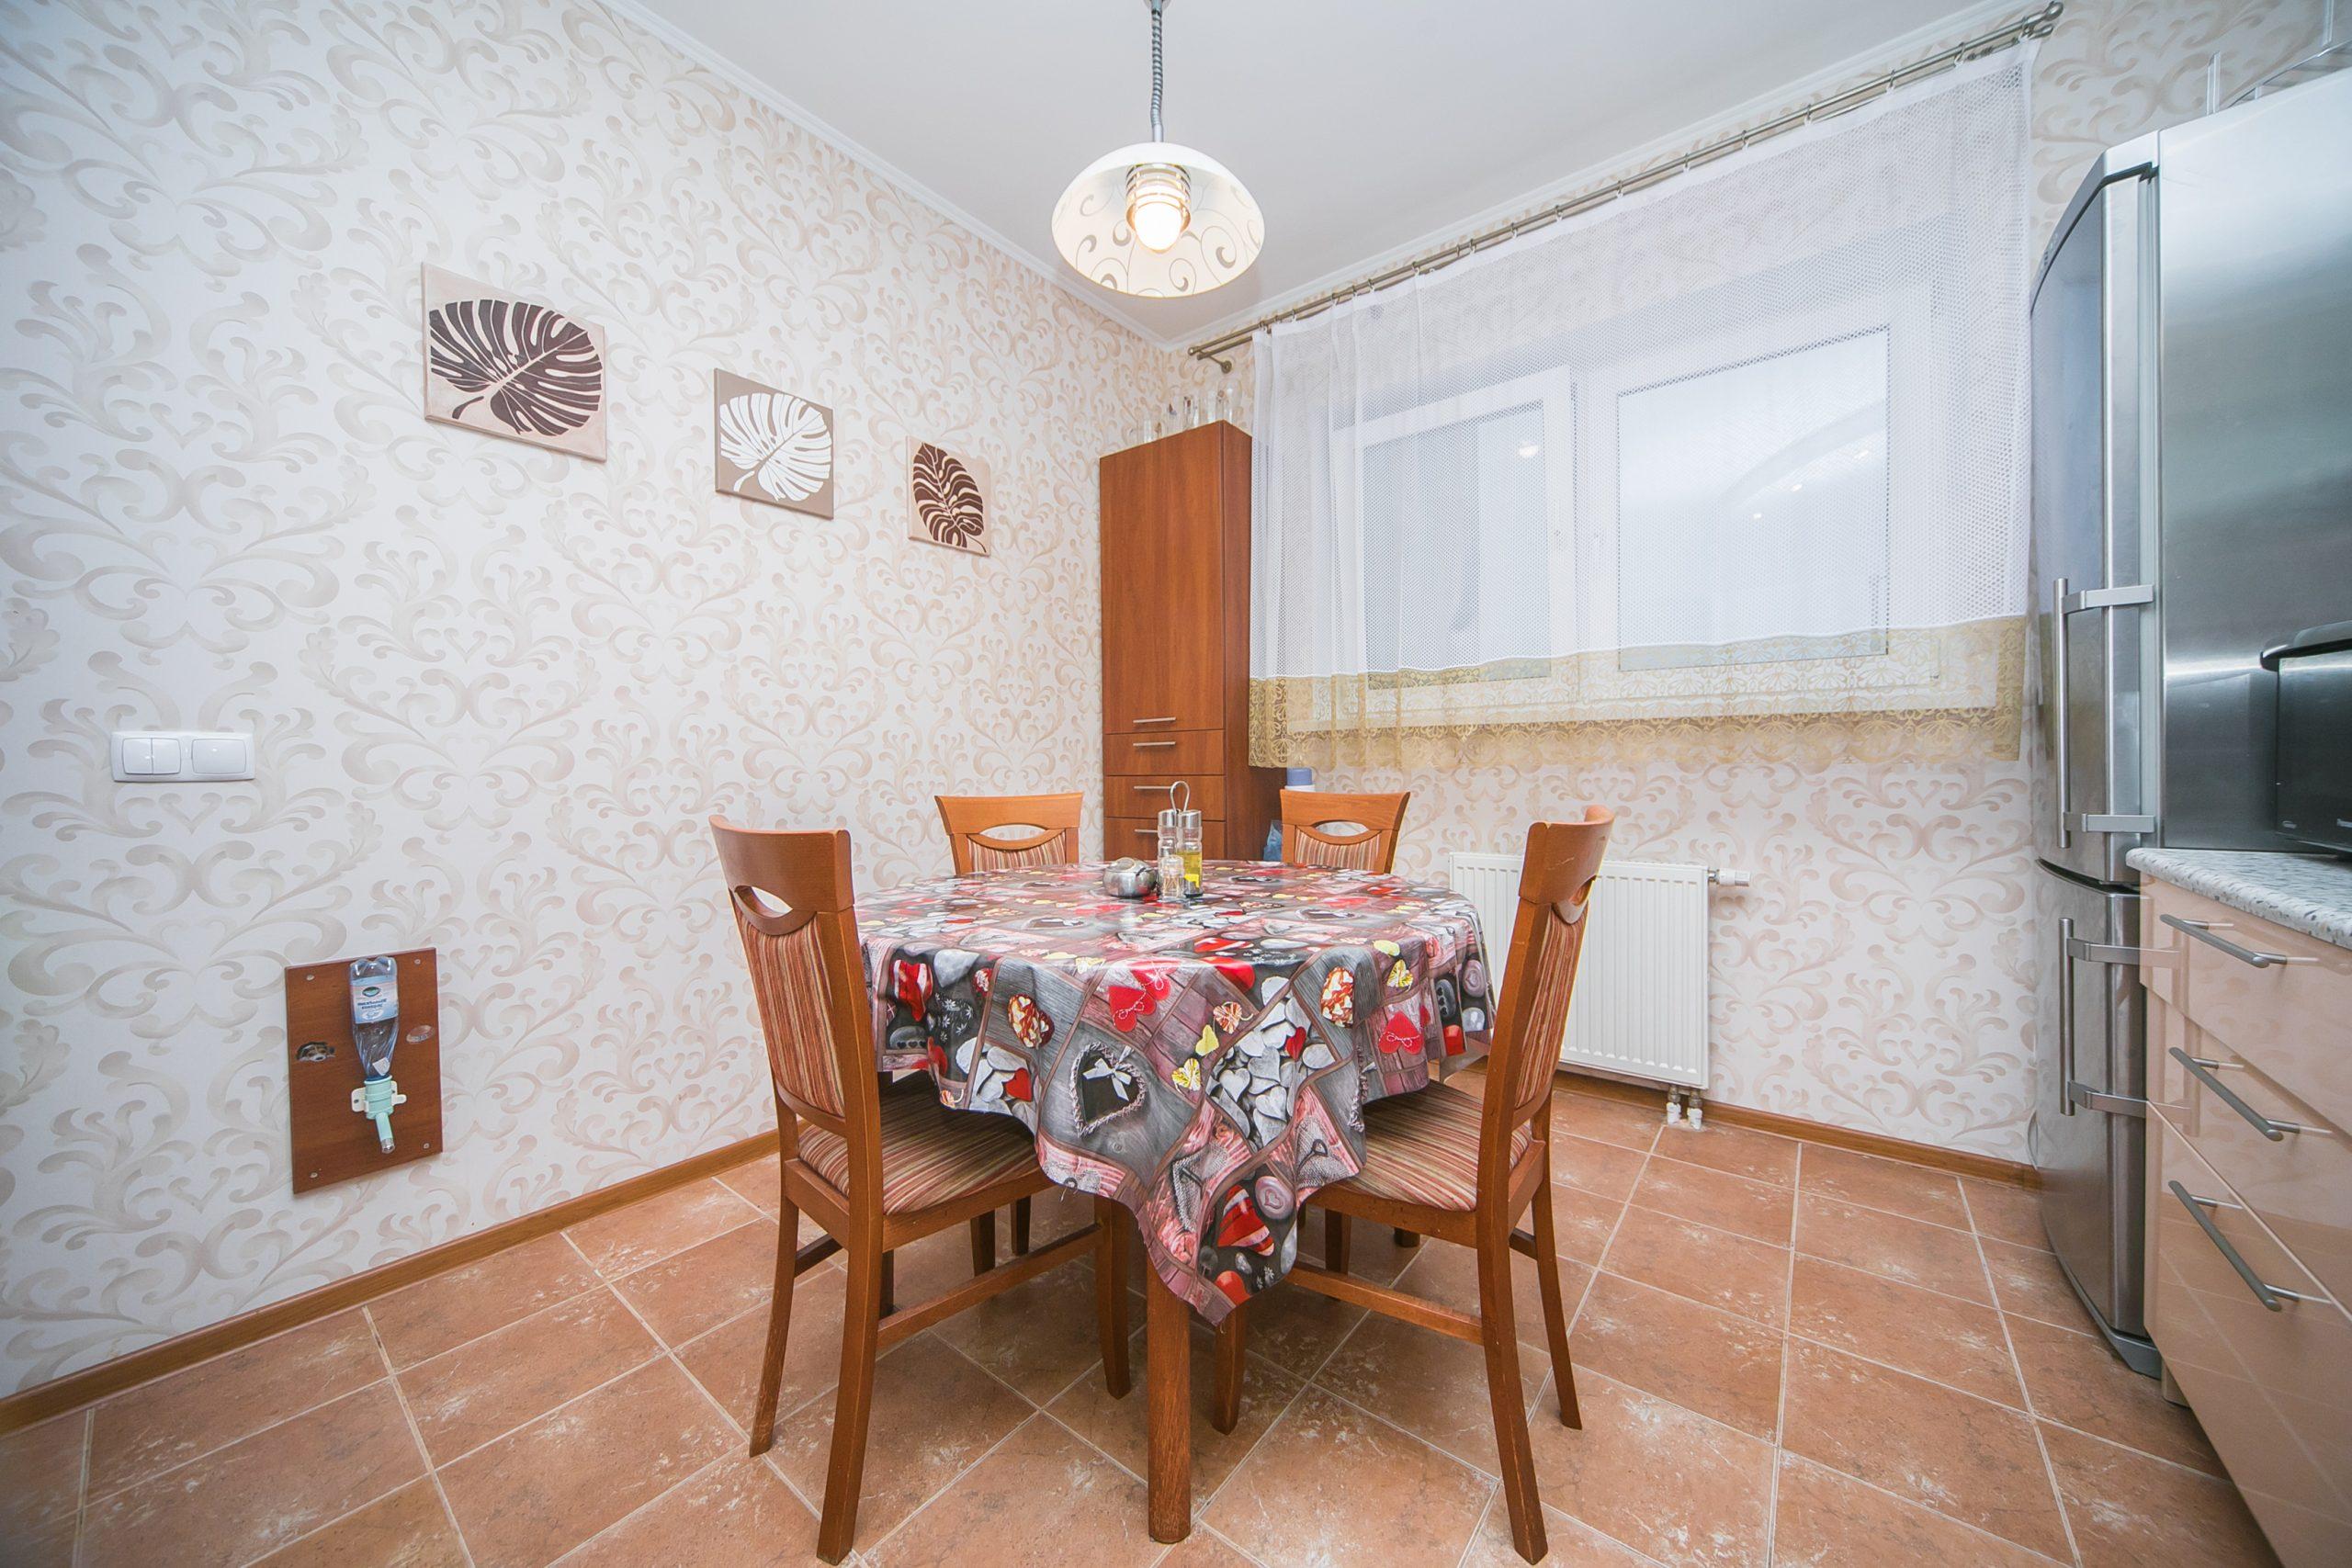 Продажа 4-х комнатной квартиры, г. Минск, ул. Грушевская, дом 91